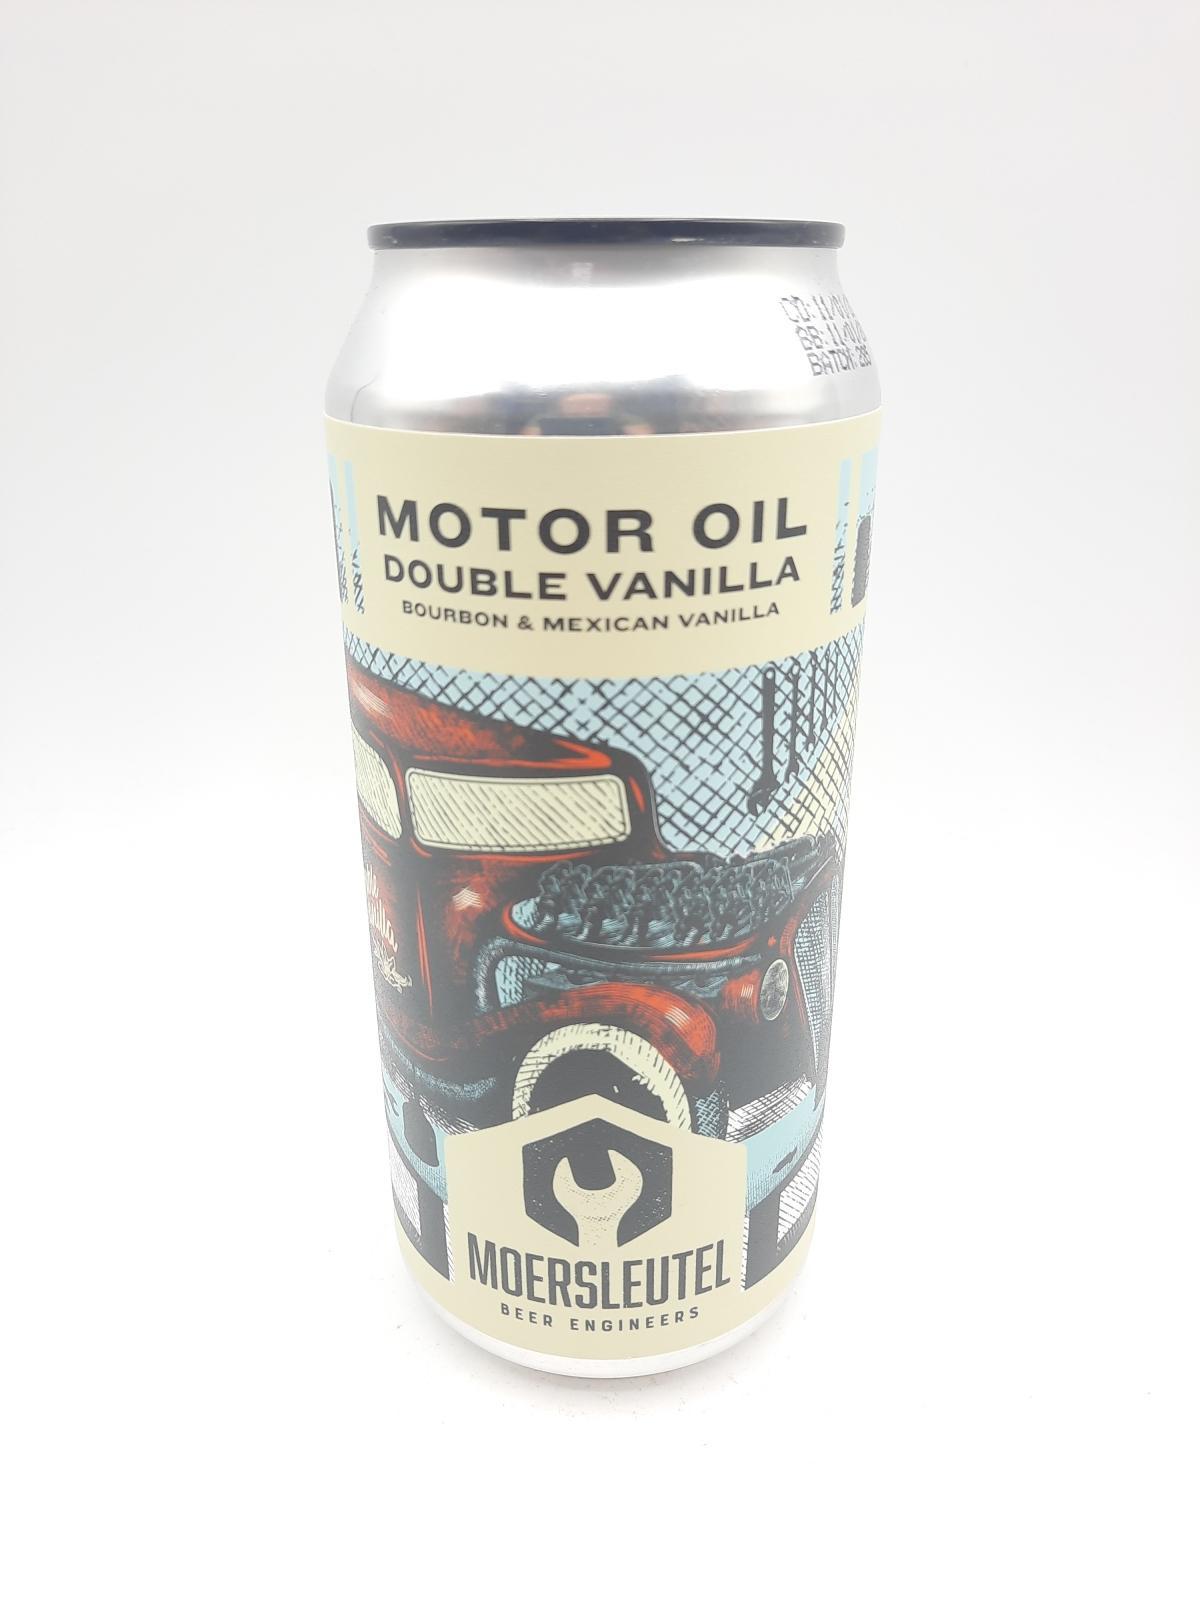 Image Motor Oil Double Vanilla